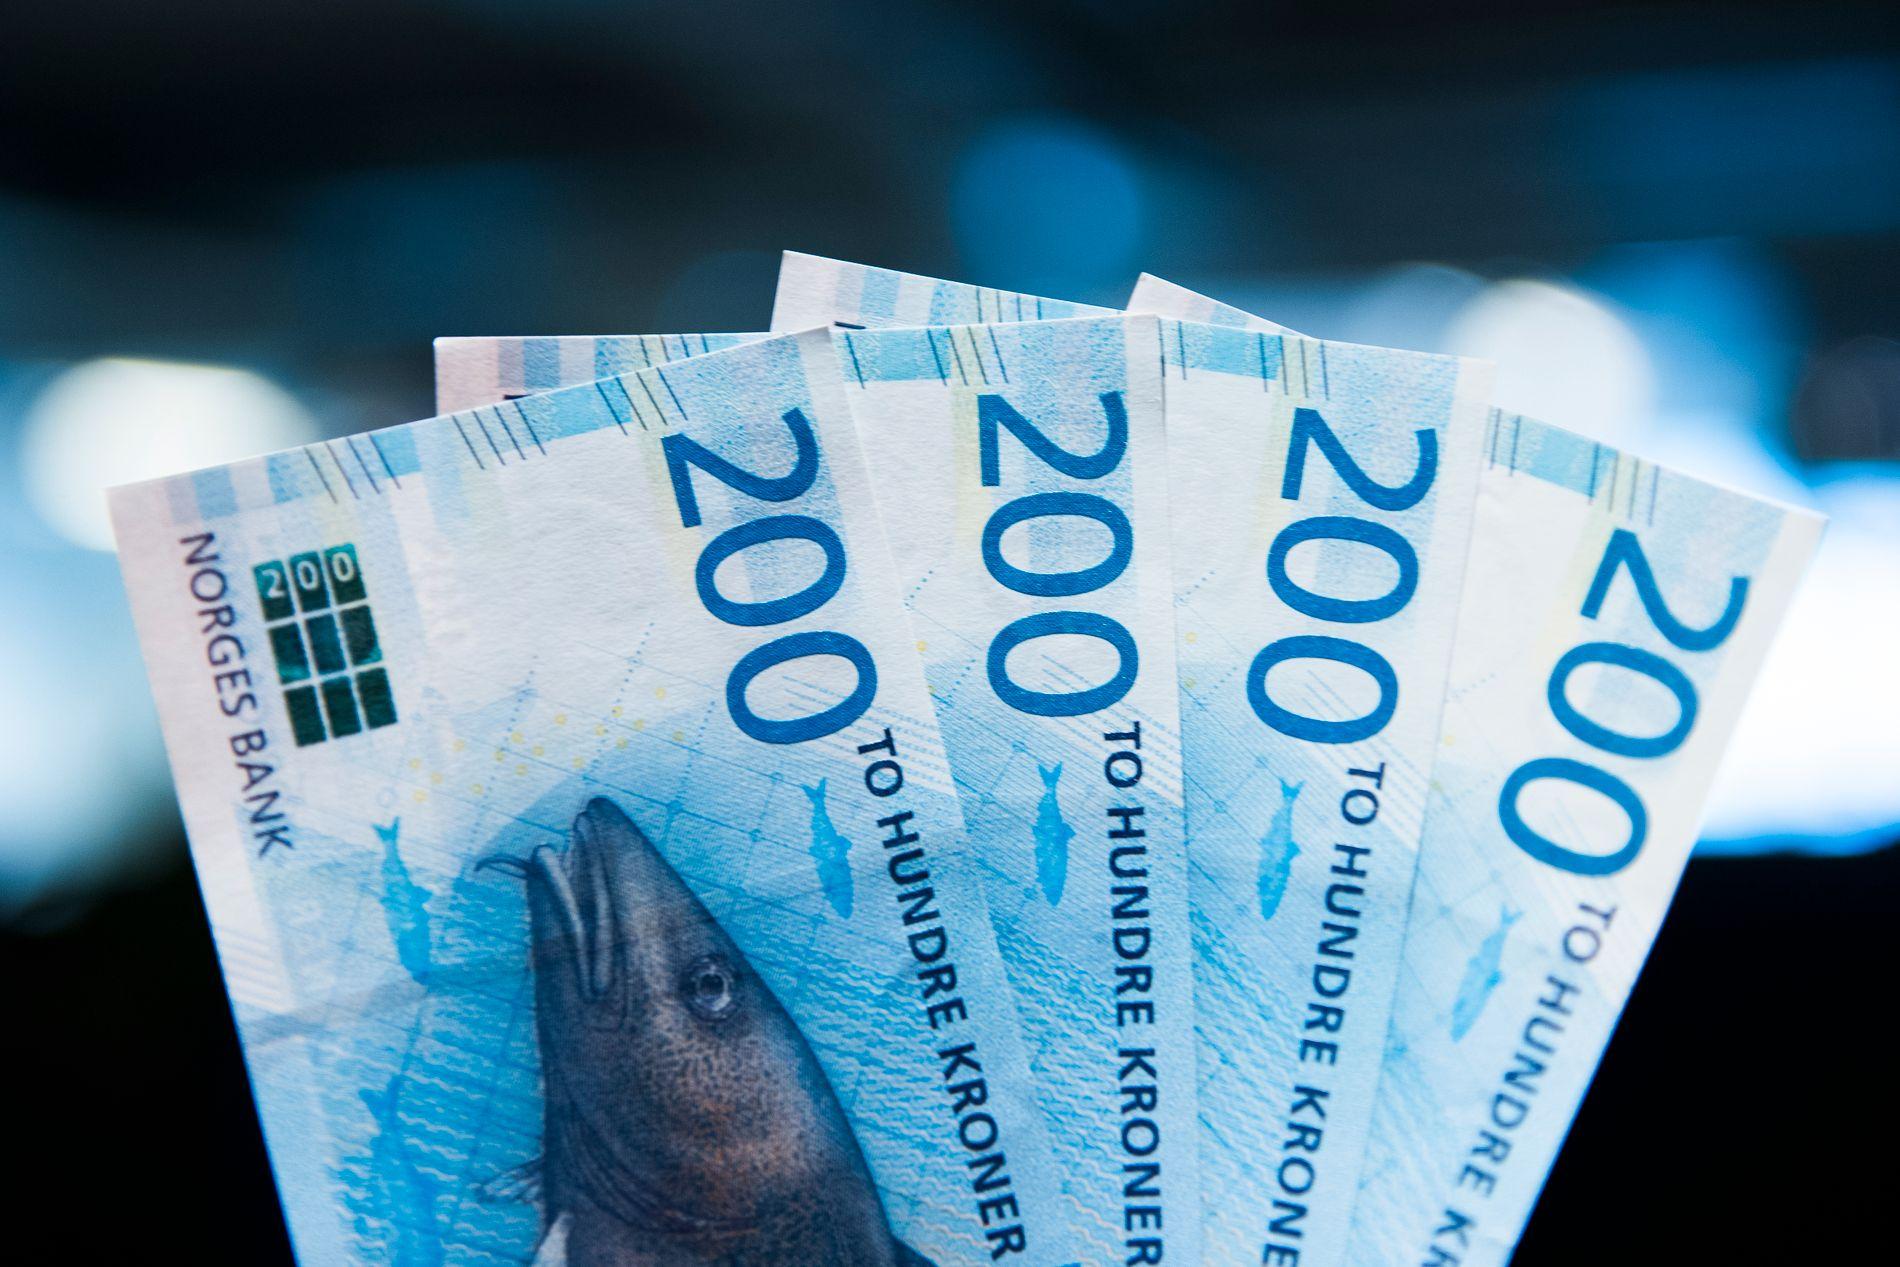 SKATT: Det ser ut som folk ikkje forstår at skatten trengst for å halda oppe det gode samfunnet vi har, skriv Ingolv Vevatne.